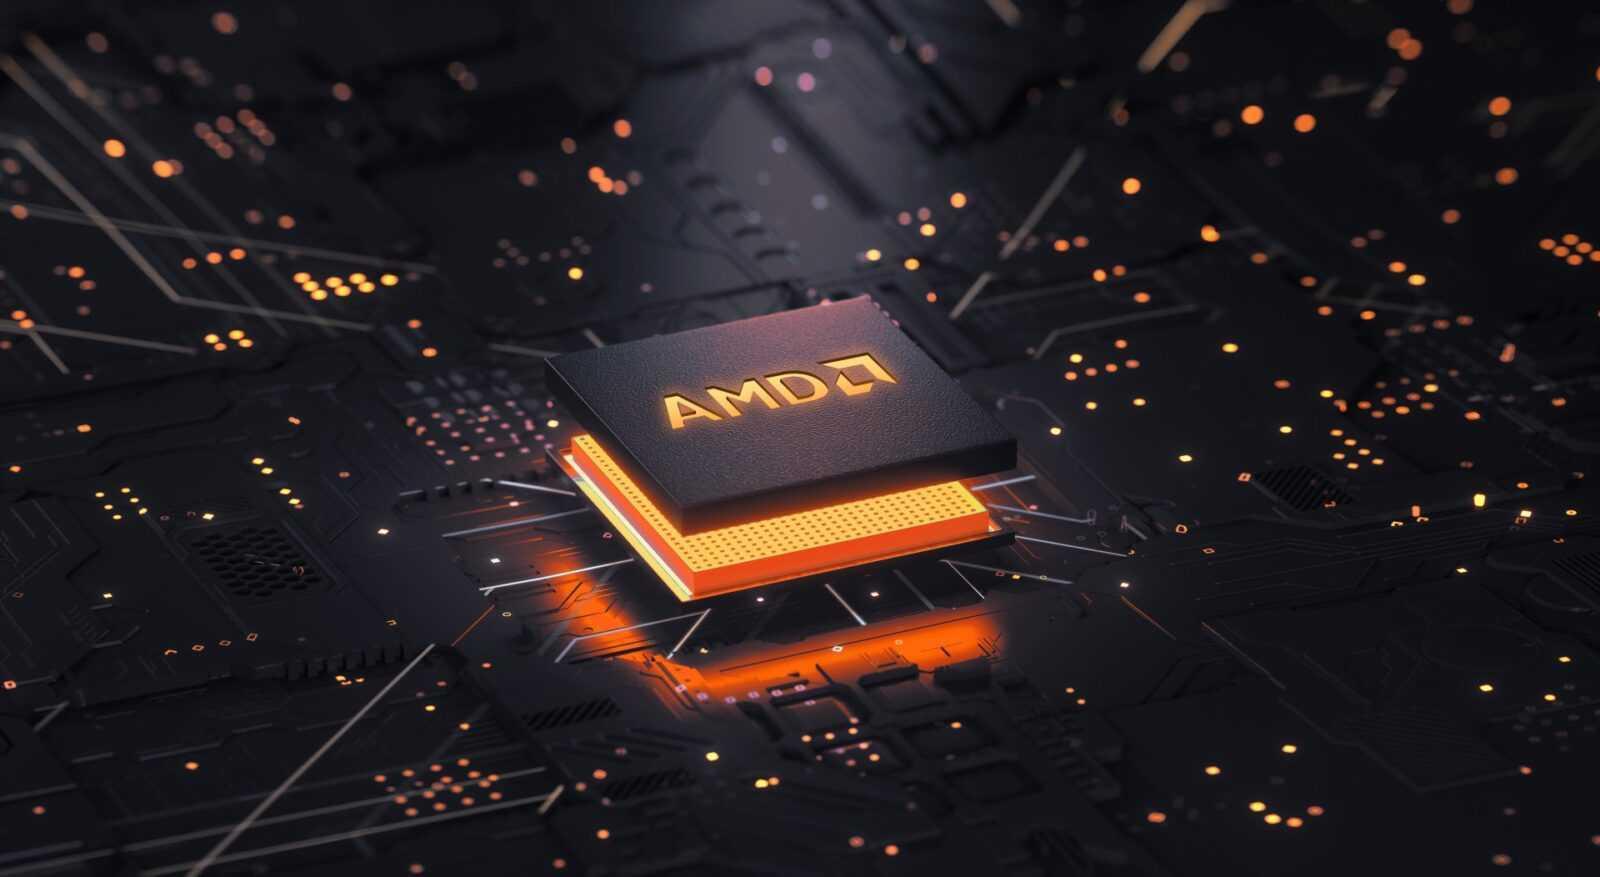 Samsung представит новый процессор Exynos 2200 с графикой AMD во второй половине этого года (pic huawei matebook d 14 amd chipset notebook light)